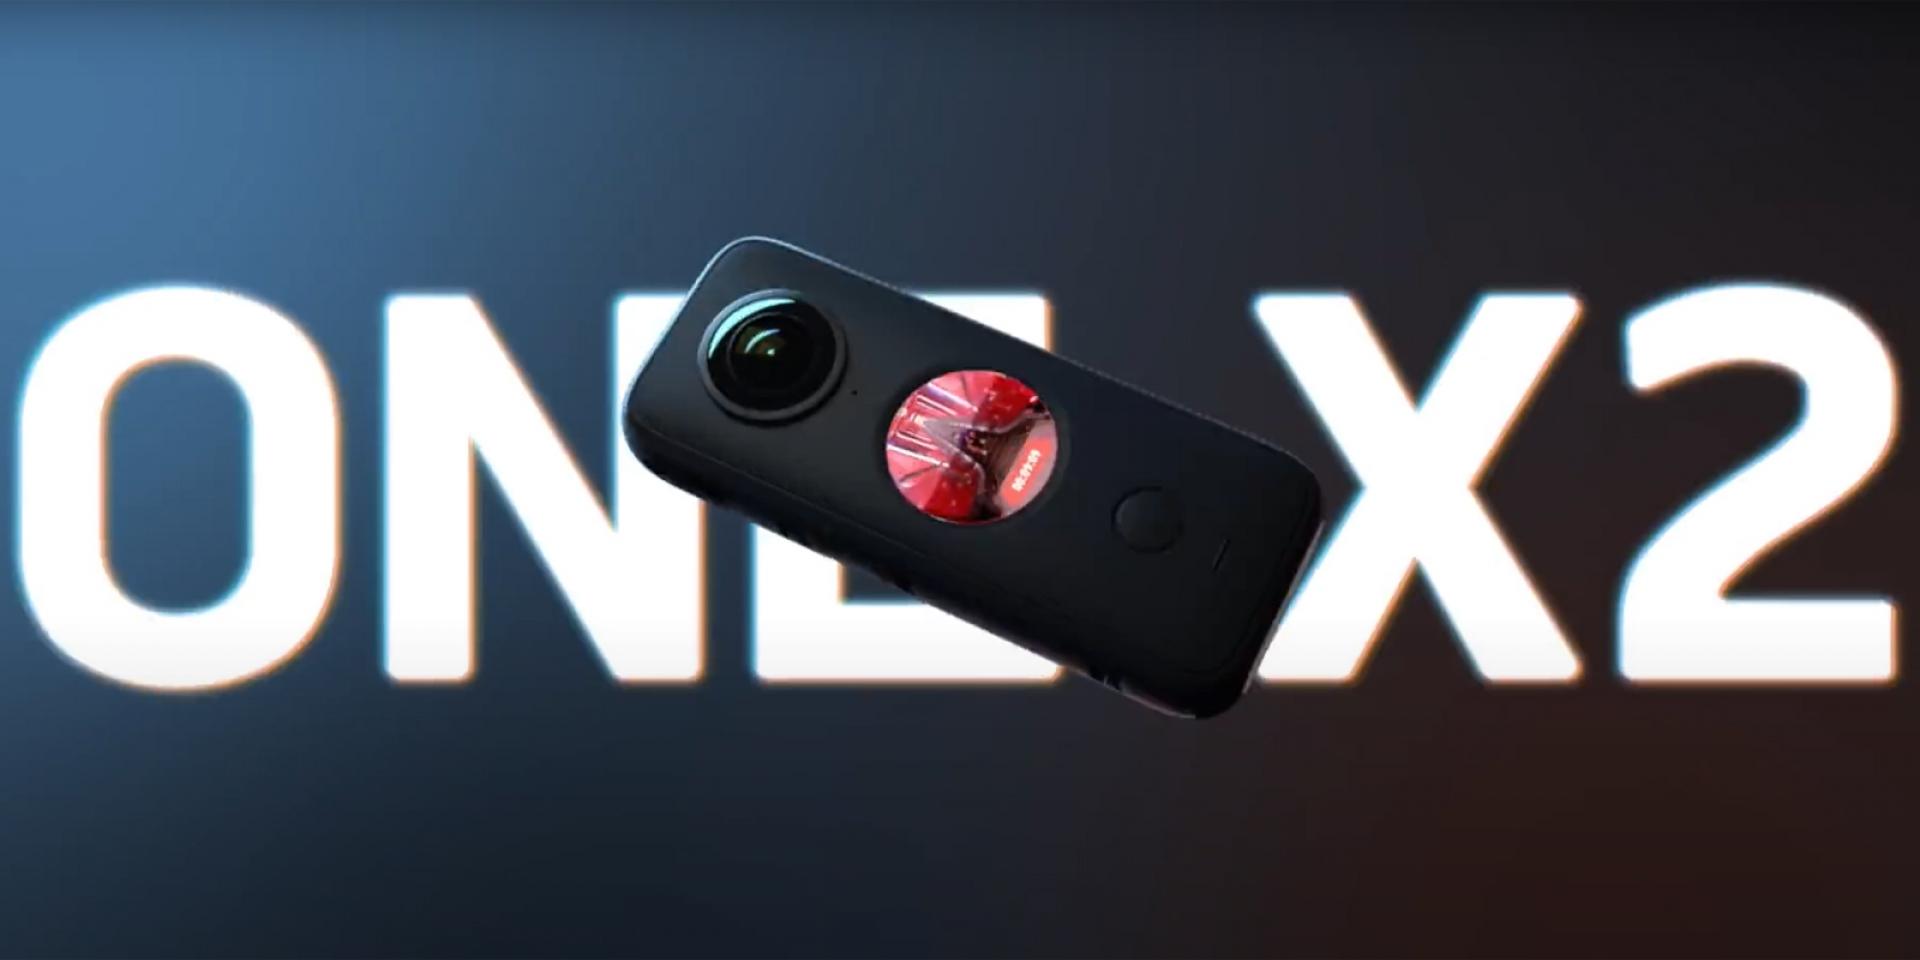 電池加大、機身防水、自拍螢幕。Insta360 One X2 正式發表!